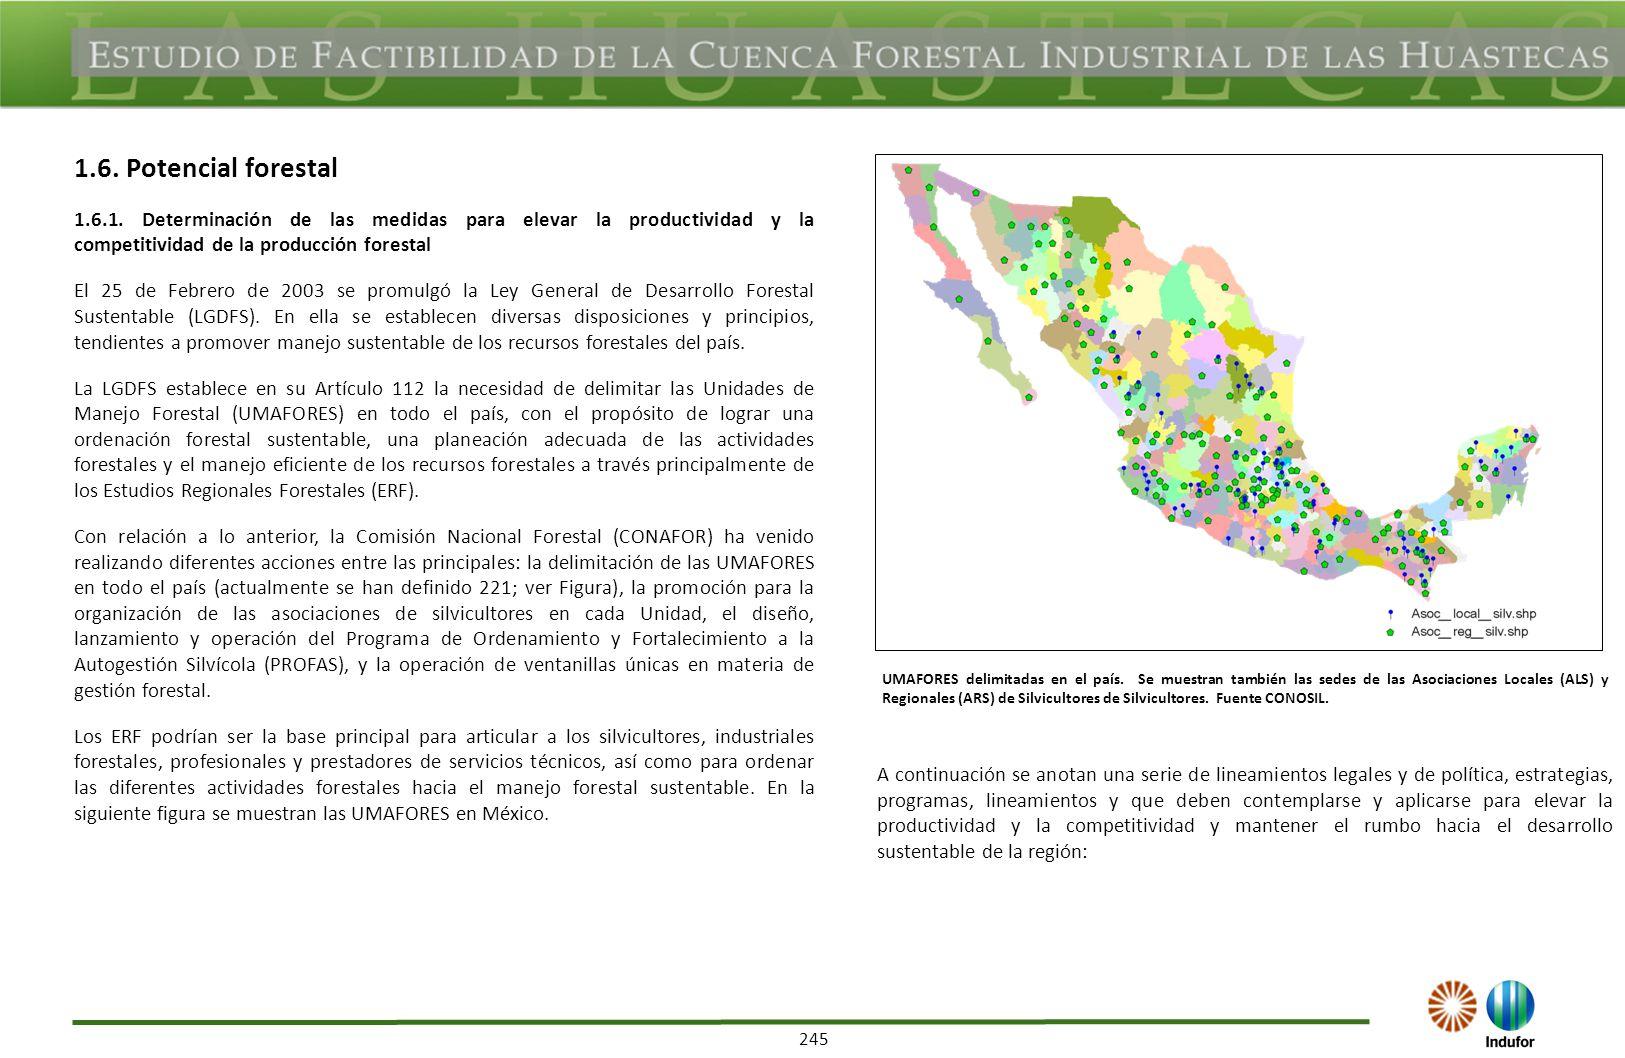 245 1.6. Potencial forestal 1.6.1. Determinación de las medidas para elevar la productividad y la competitividad de la producción forestal El 25 de Fe